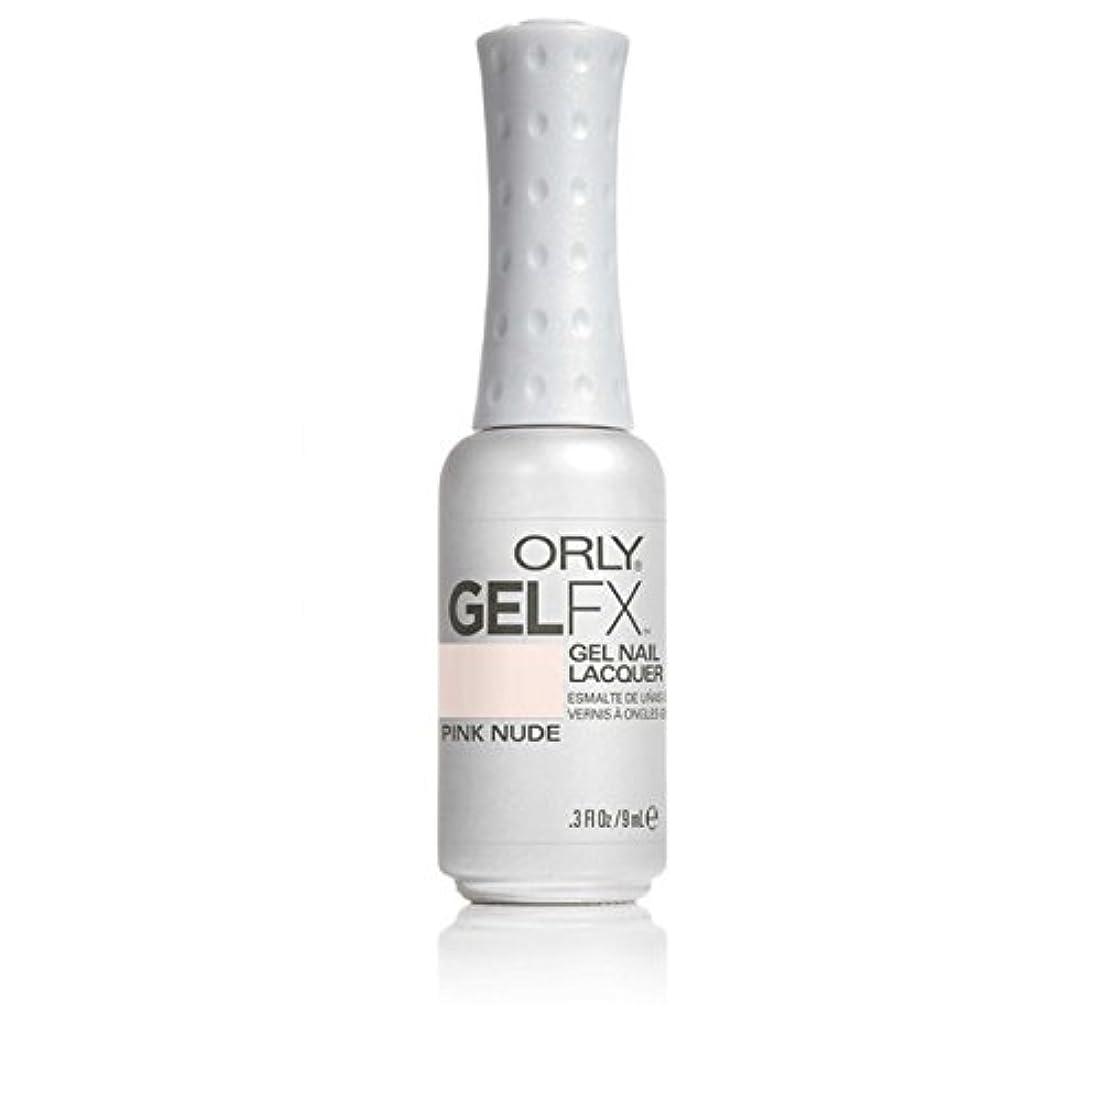 引き受ける切り刻むタンパク質ORLY(オーリー)ジェルFXジェルネイルラッカー 9ml ピンクヌード#32009